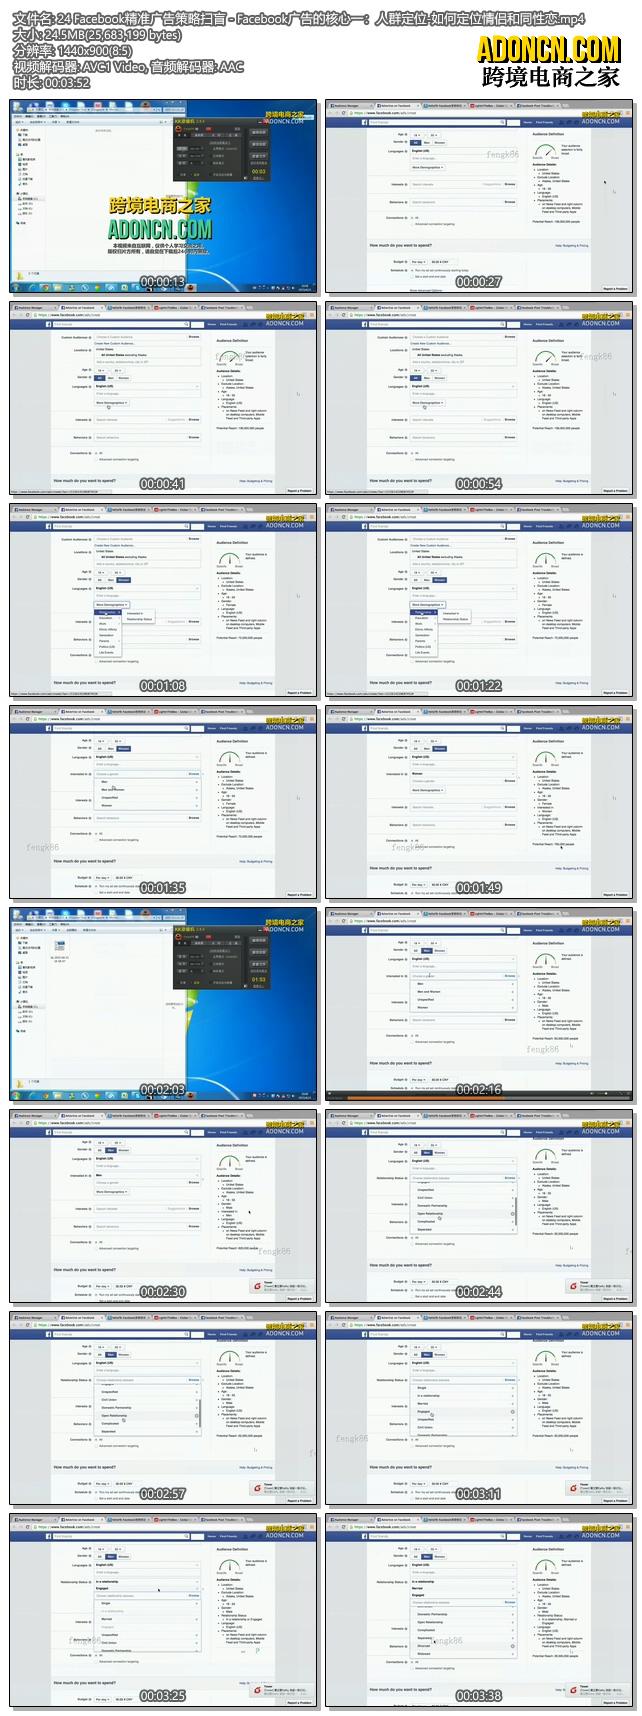 Facebook精准广告策略扫盲 - Facebook广告的核心一: 人群定位-如何定位情侣和同性恋(外贸电商在Facebook上怎么做推广如何做营销视频教程)